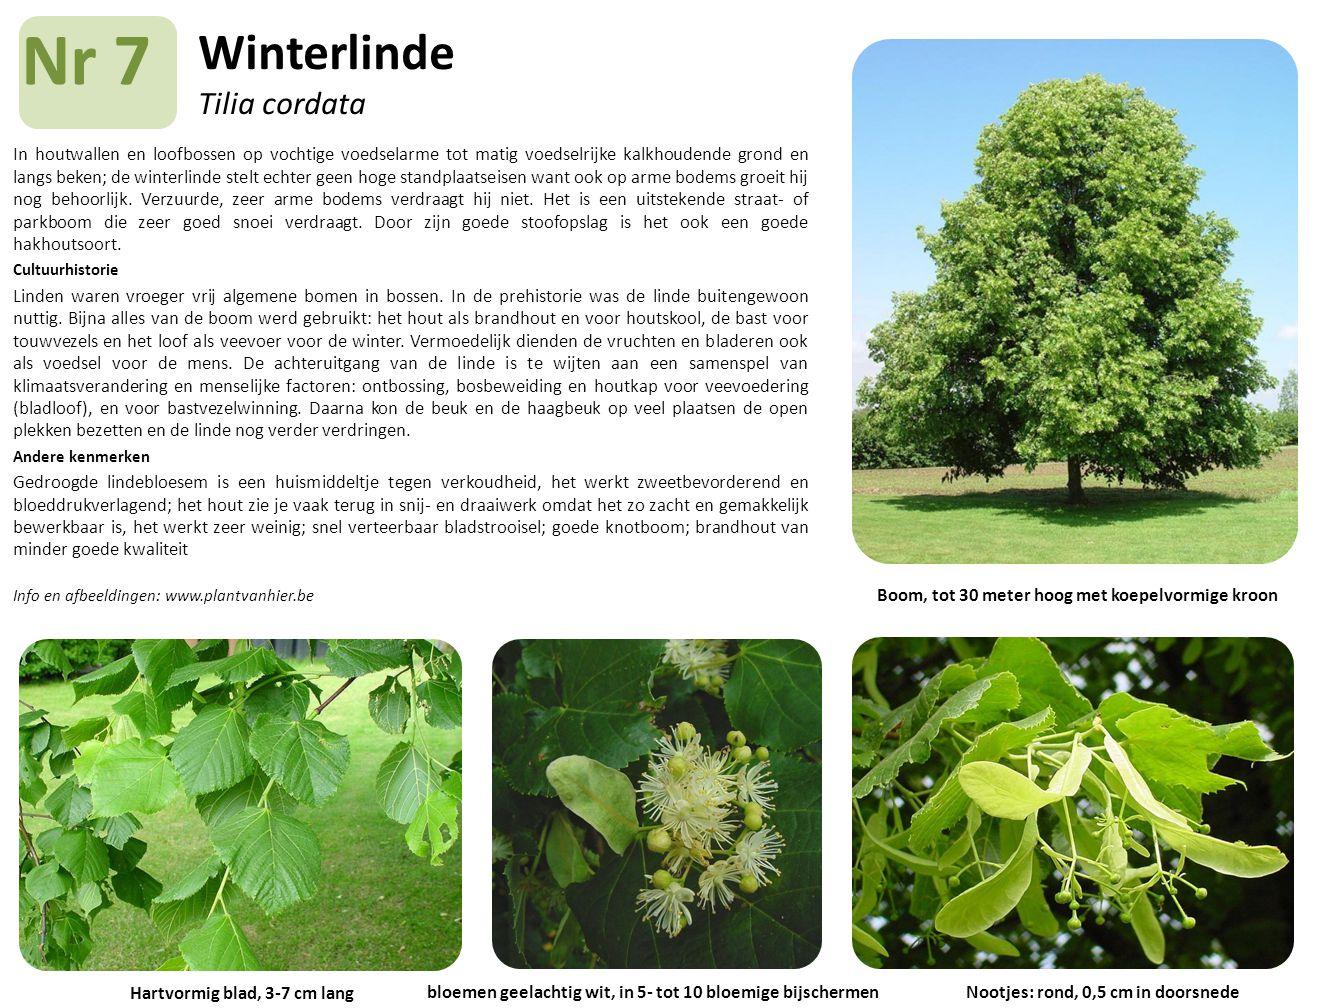 Winterlinde Tilia cordata In houtwallen en loofbossen op vochtige voedselarme tot matig voedselrijke kalkhoudende grond en langs beken; de winterlinde